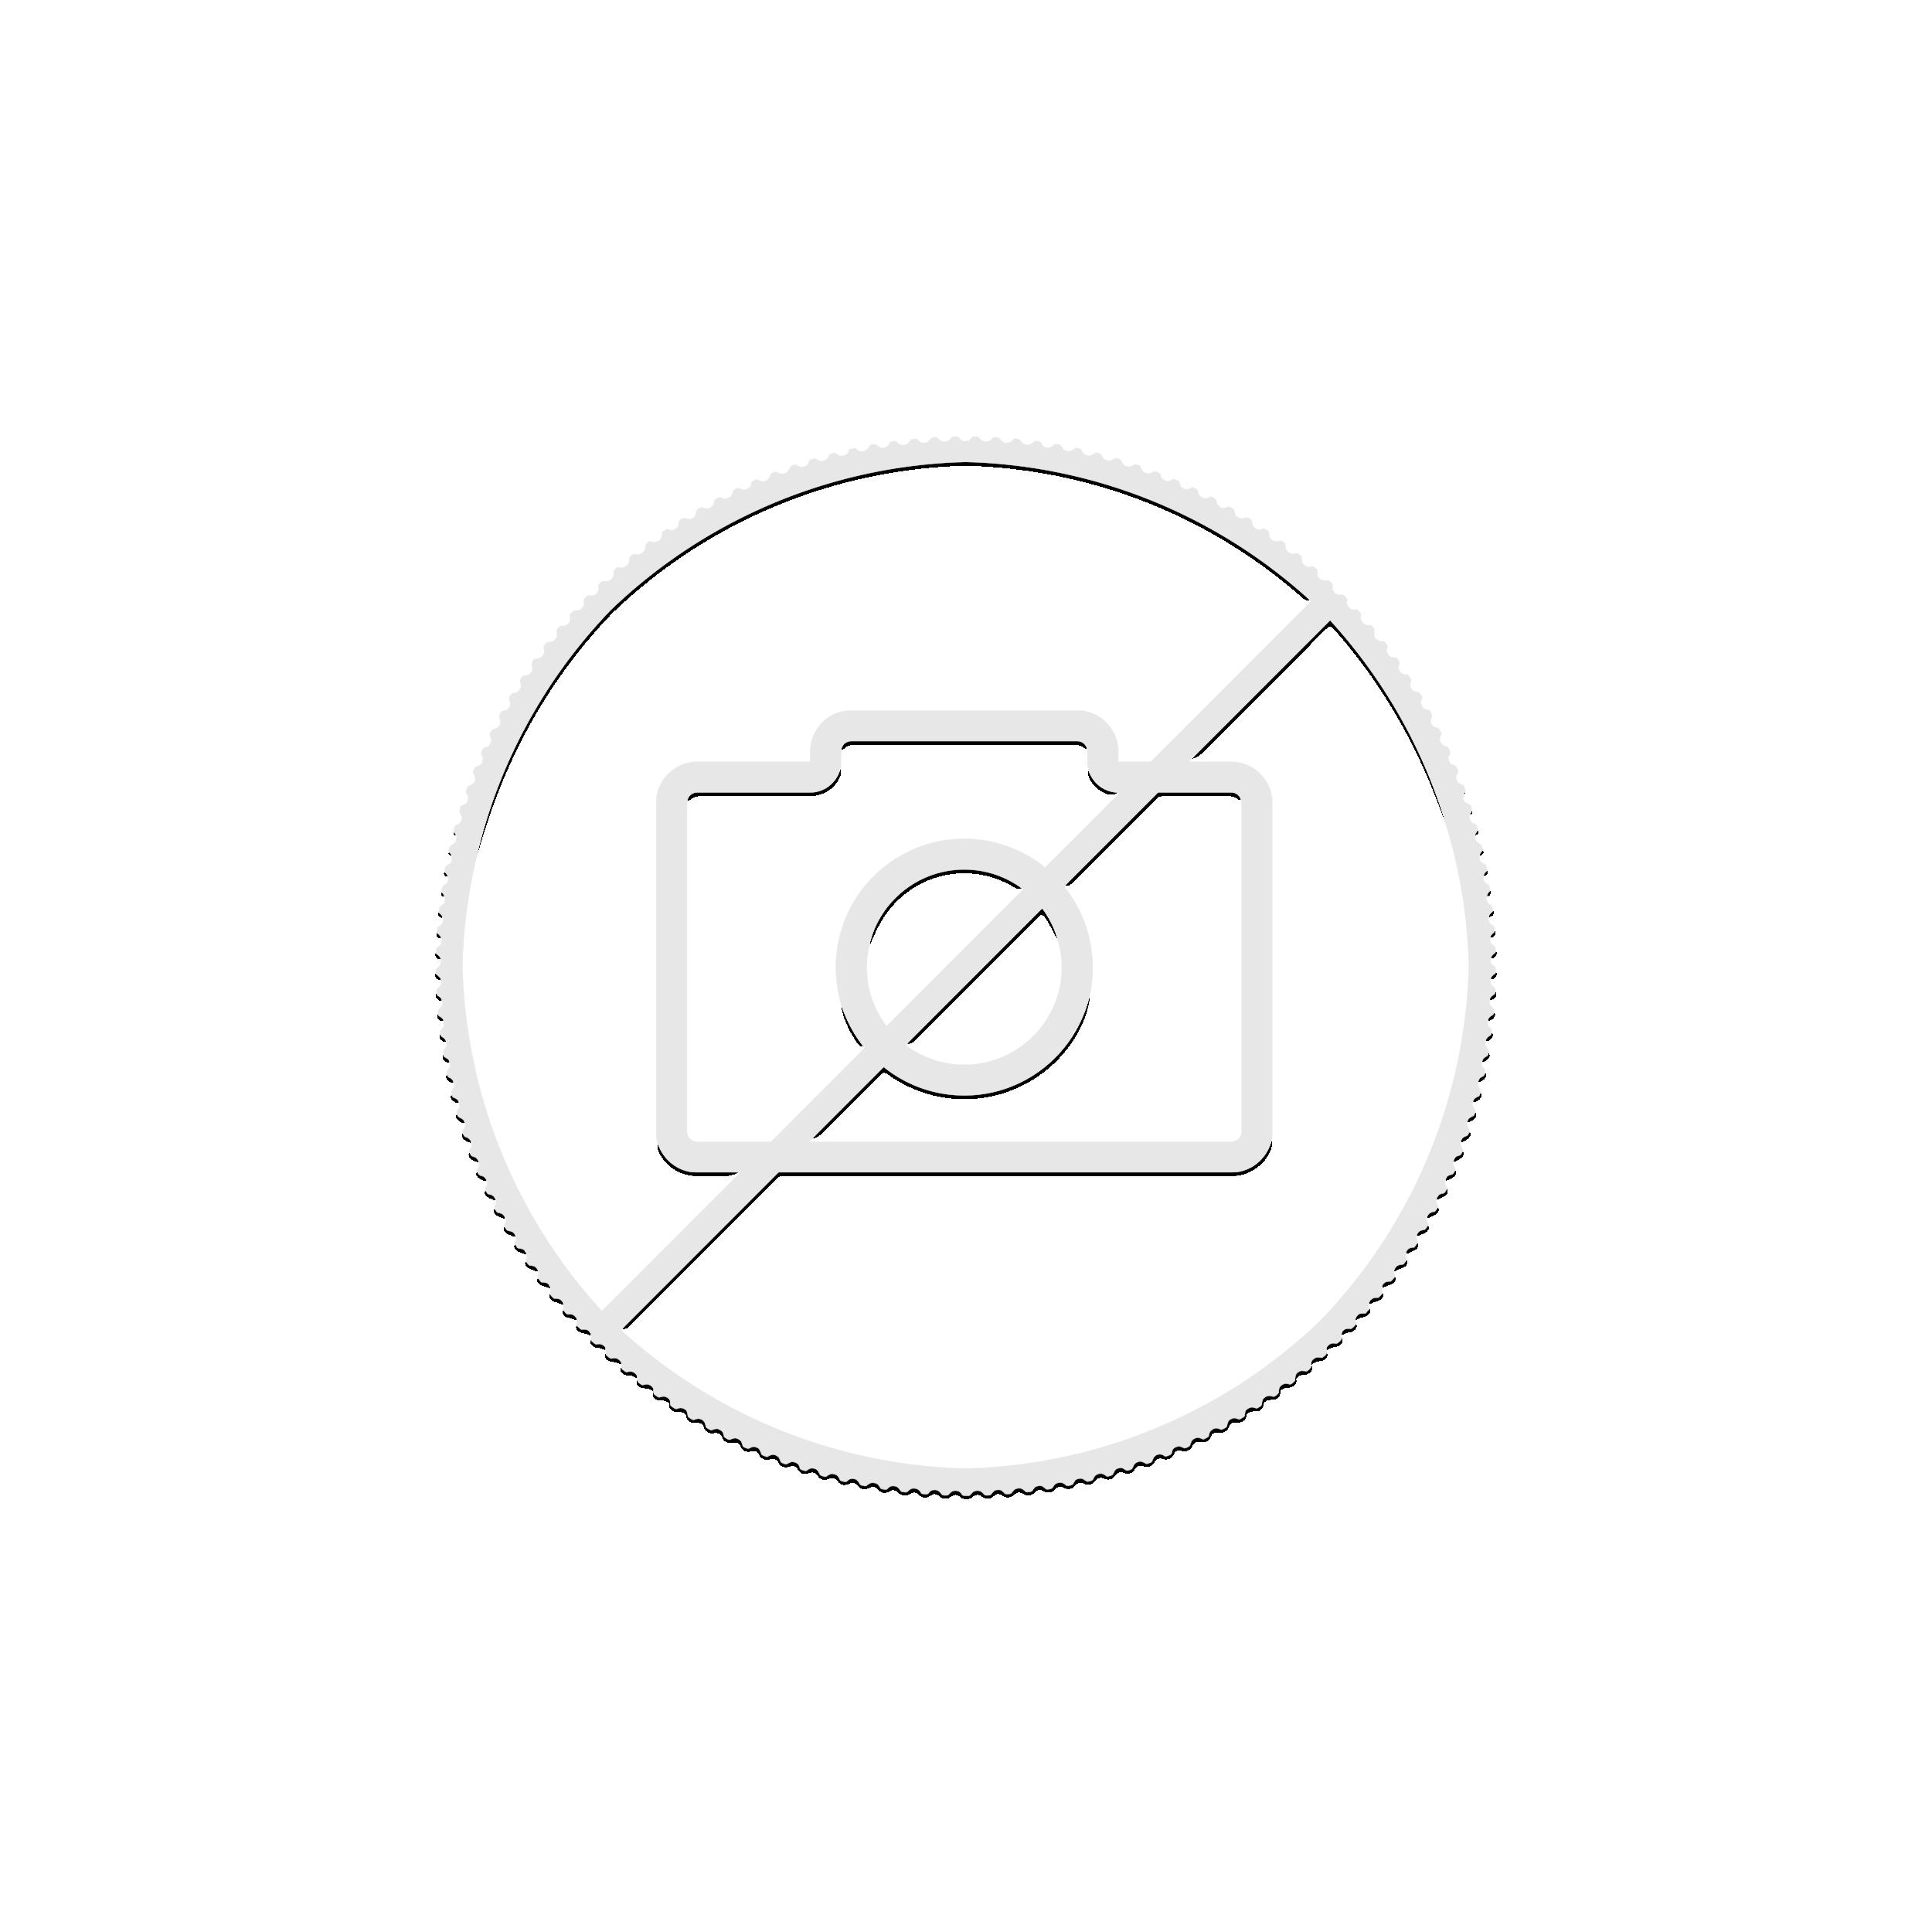 Gouden panda munt 100 gram 2021 Proof